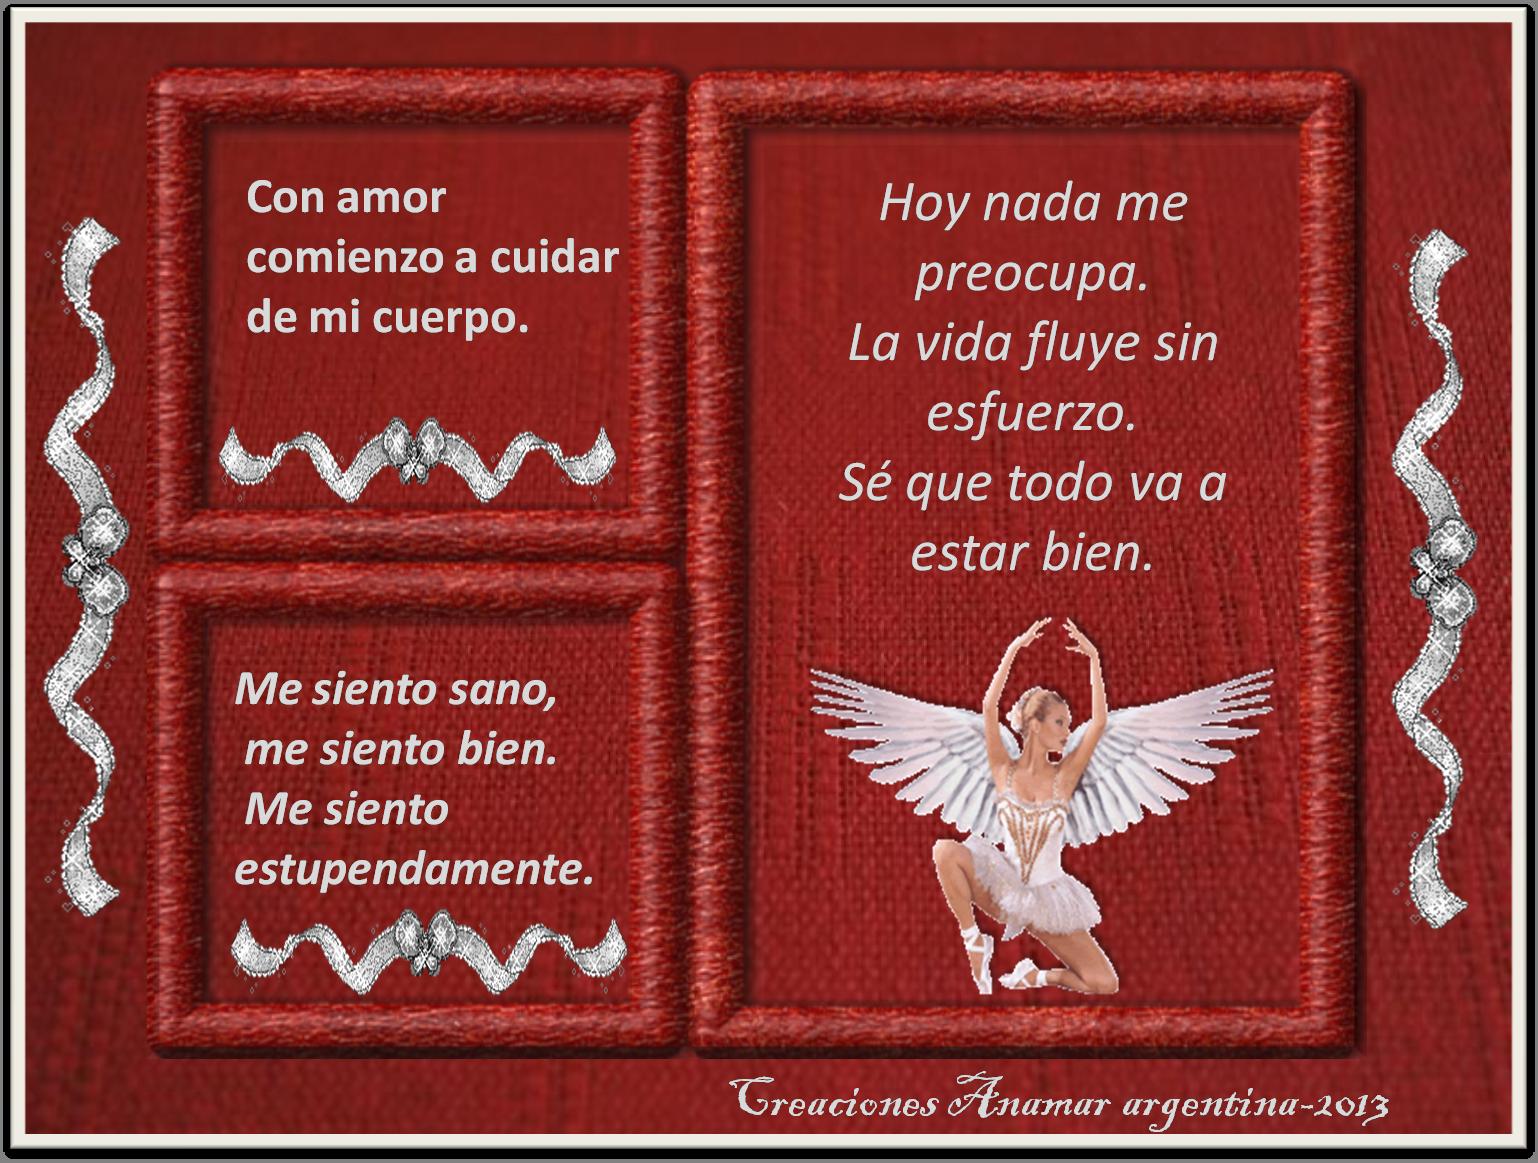 afirmaciones-positivas-27-creaciones-anamar-argentina-2013.png